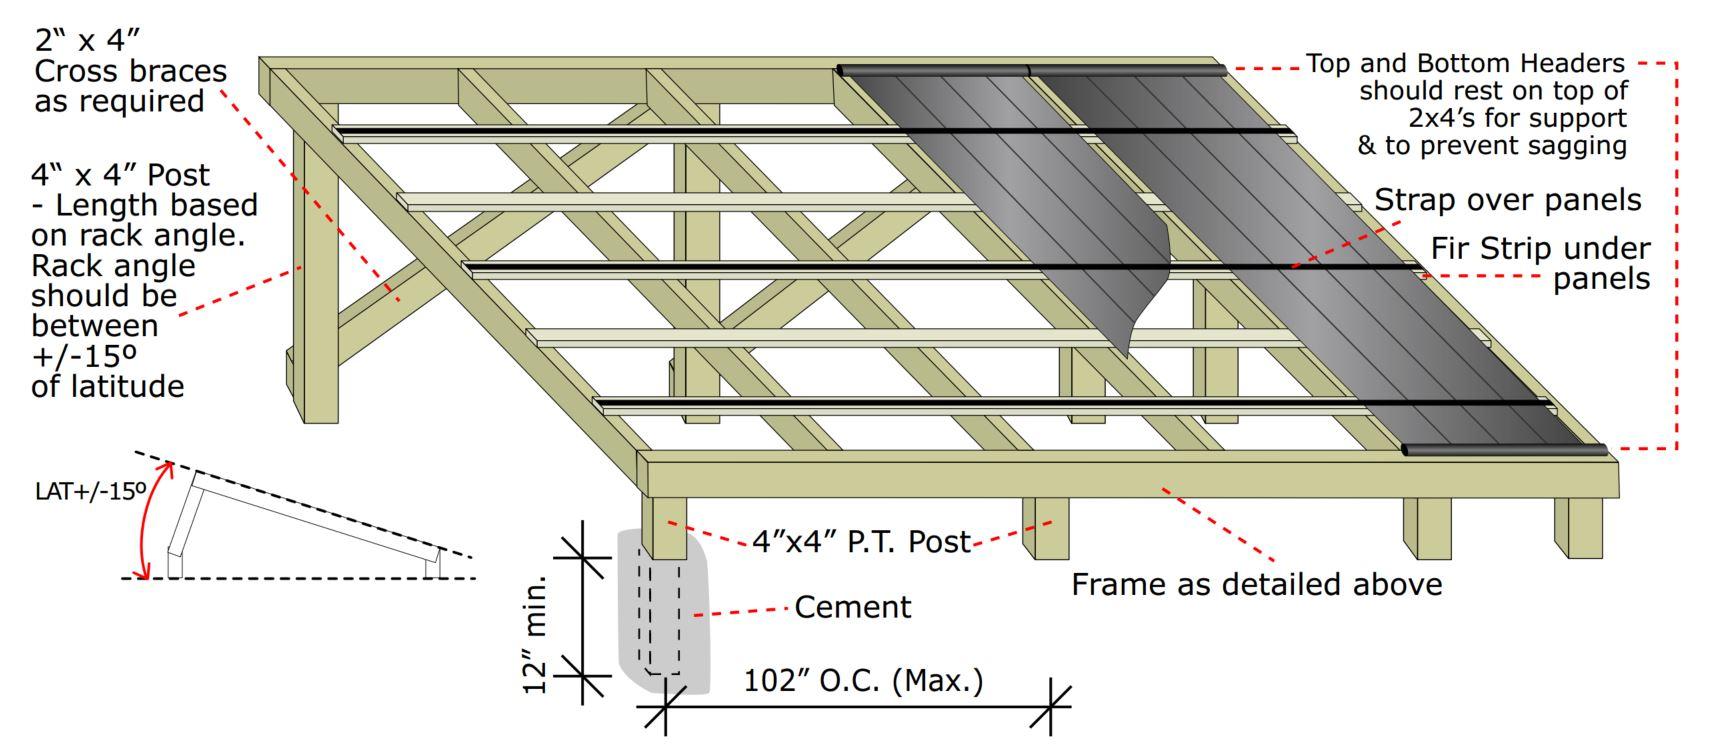 teledyne laars boiler wiring diagram laars gas boilers